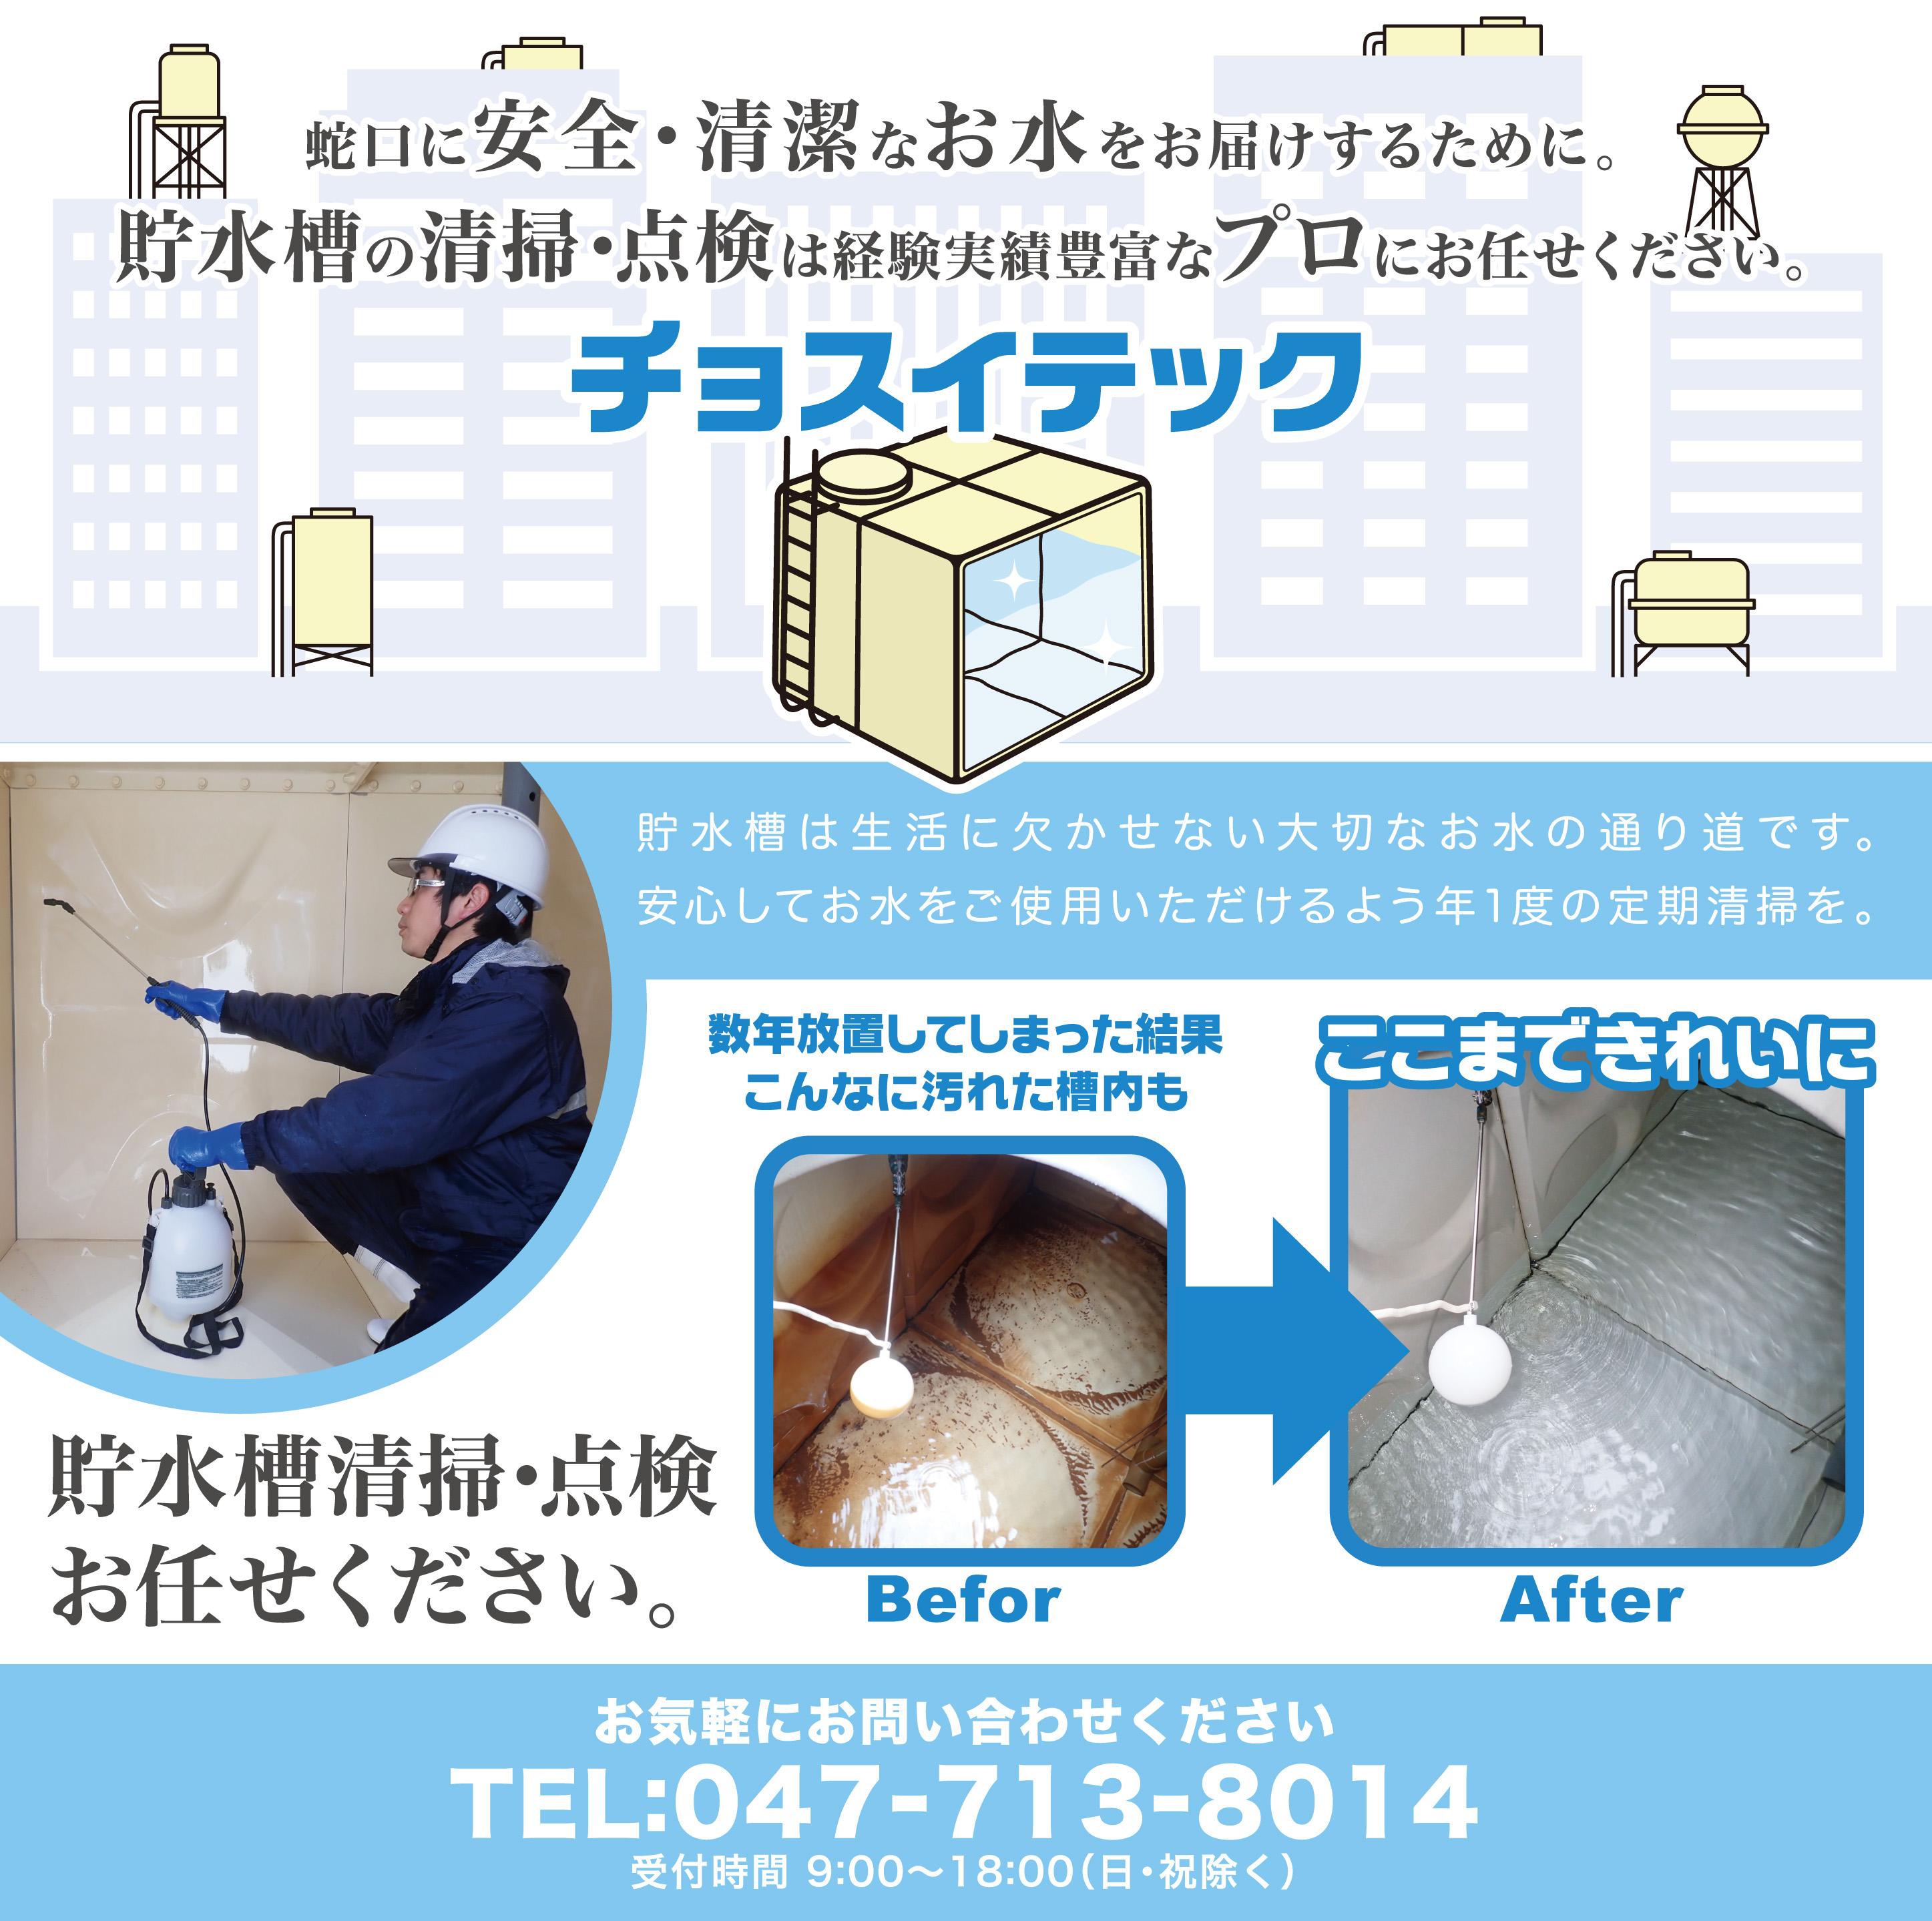 蛇口に安全・清潔なお水をお届けするために、貯水槽の清掃・点検はプロにお任せ下さい。TEL:047-713-8014